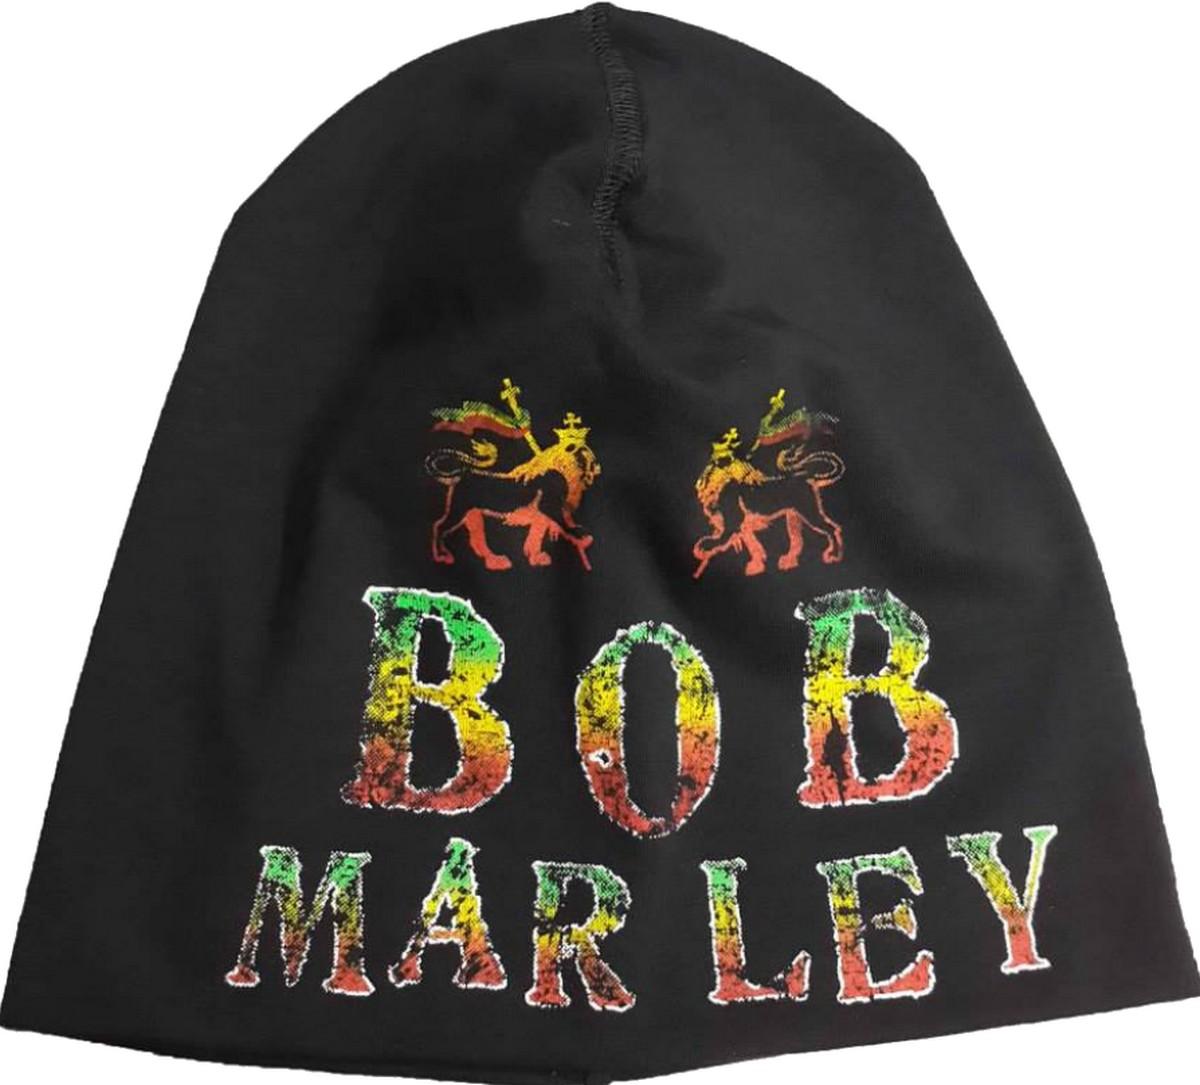 aa2526efb3d6d Bob Marley beanie – RoxxBKK